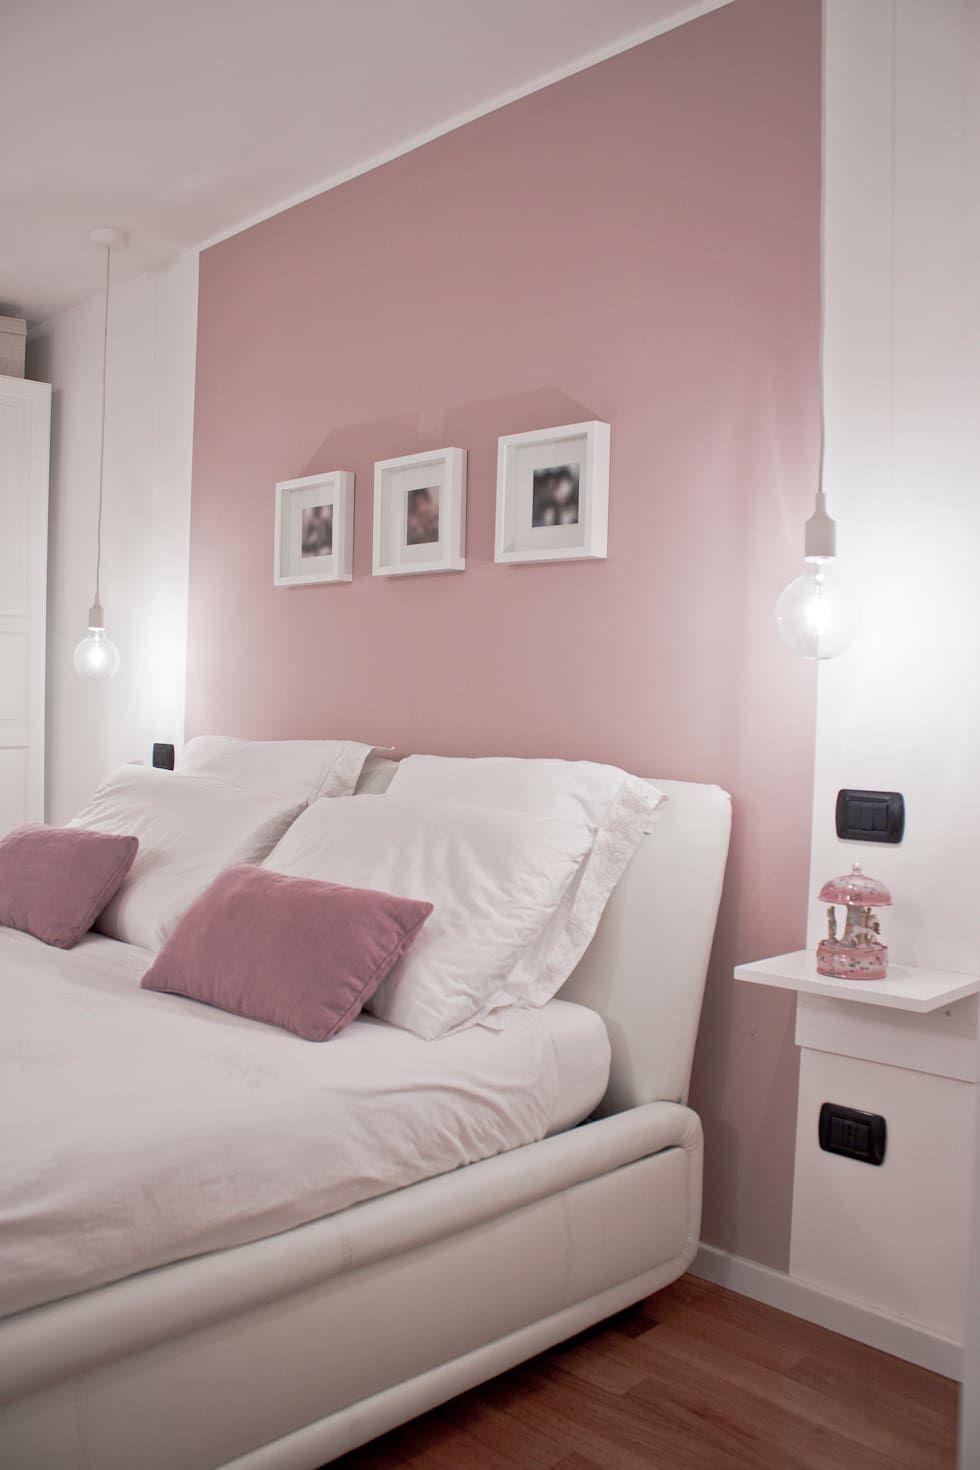 40 camere da letto arredate dai nostri migliori architetti for Case realizzate da architetti